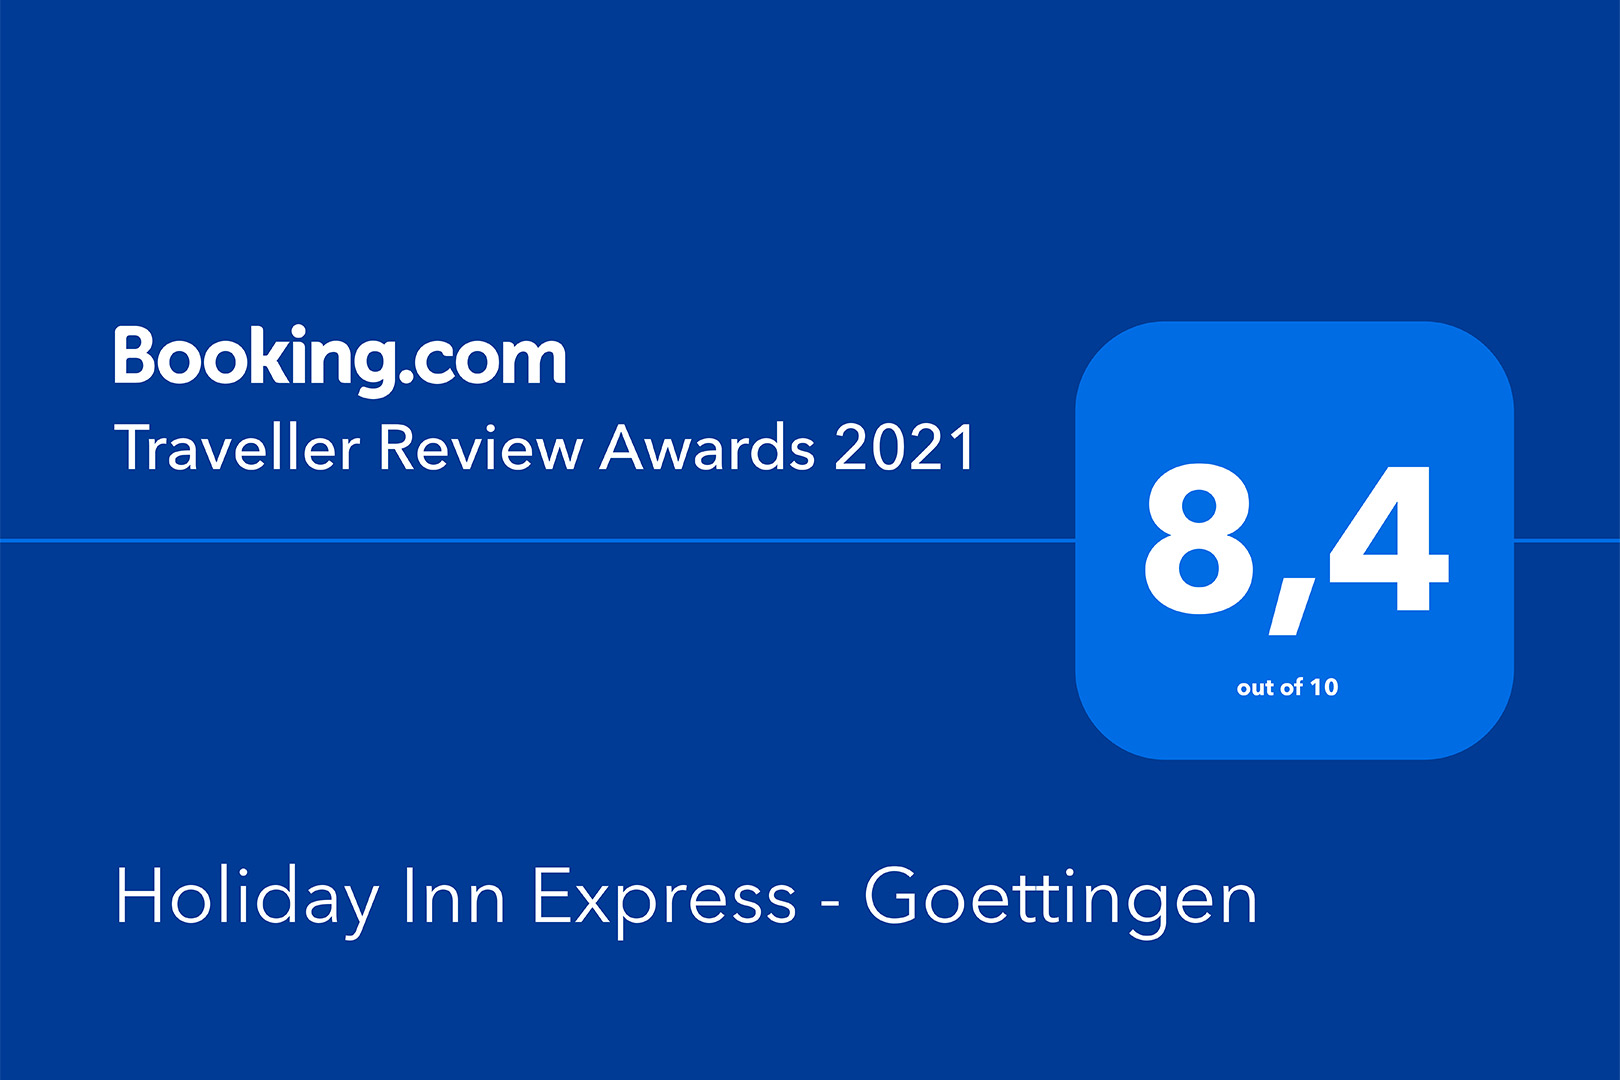 Holiday Inn Express Göttingen - Traveller Review Award 2021